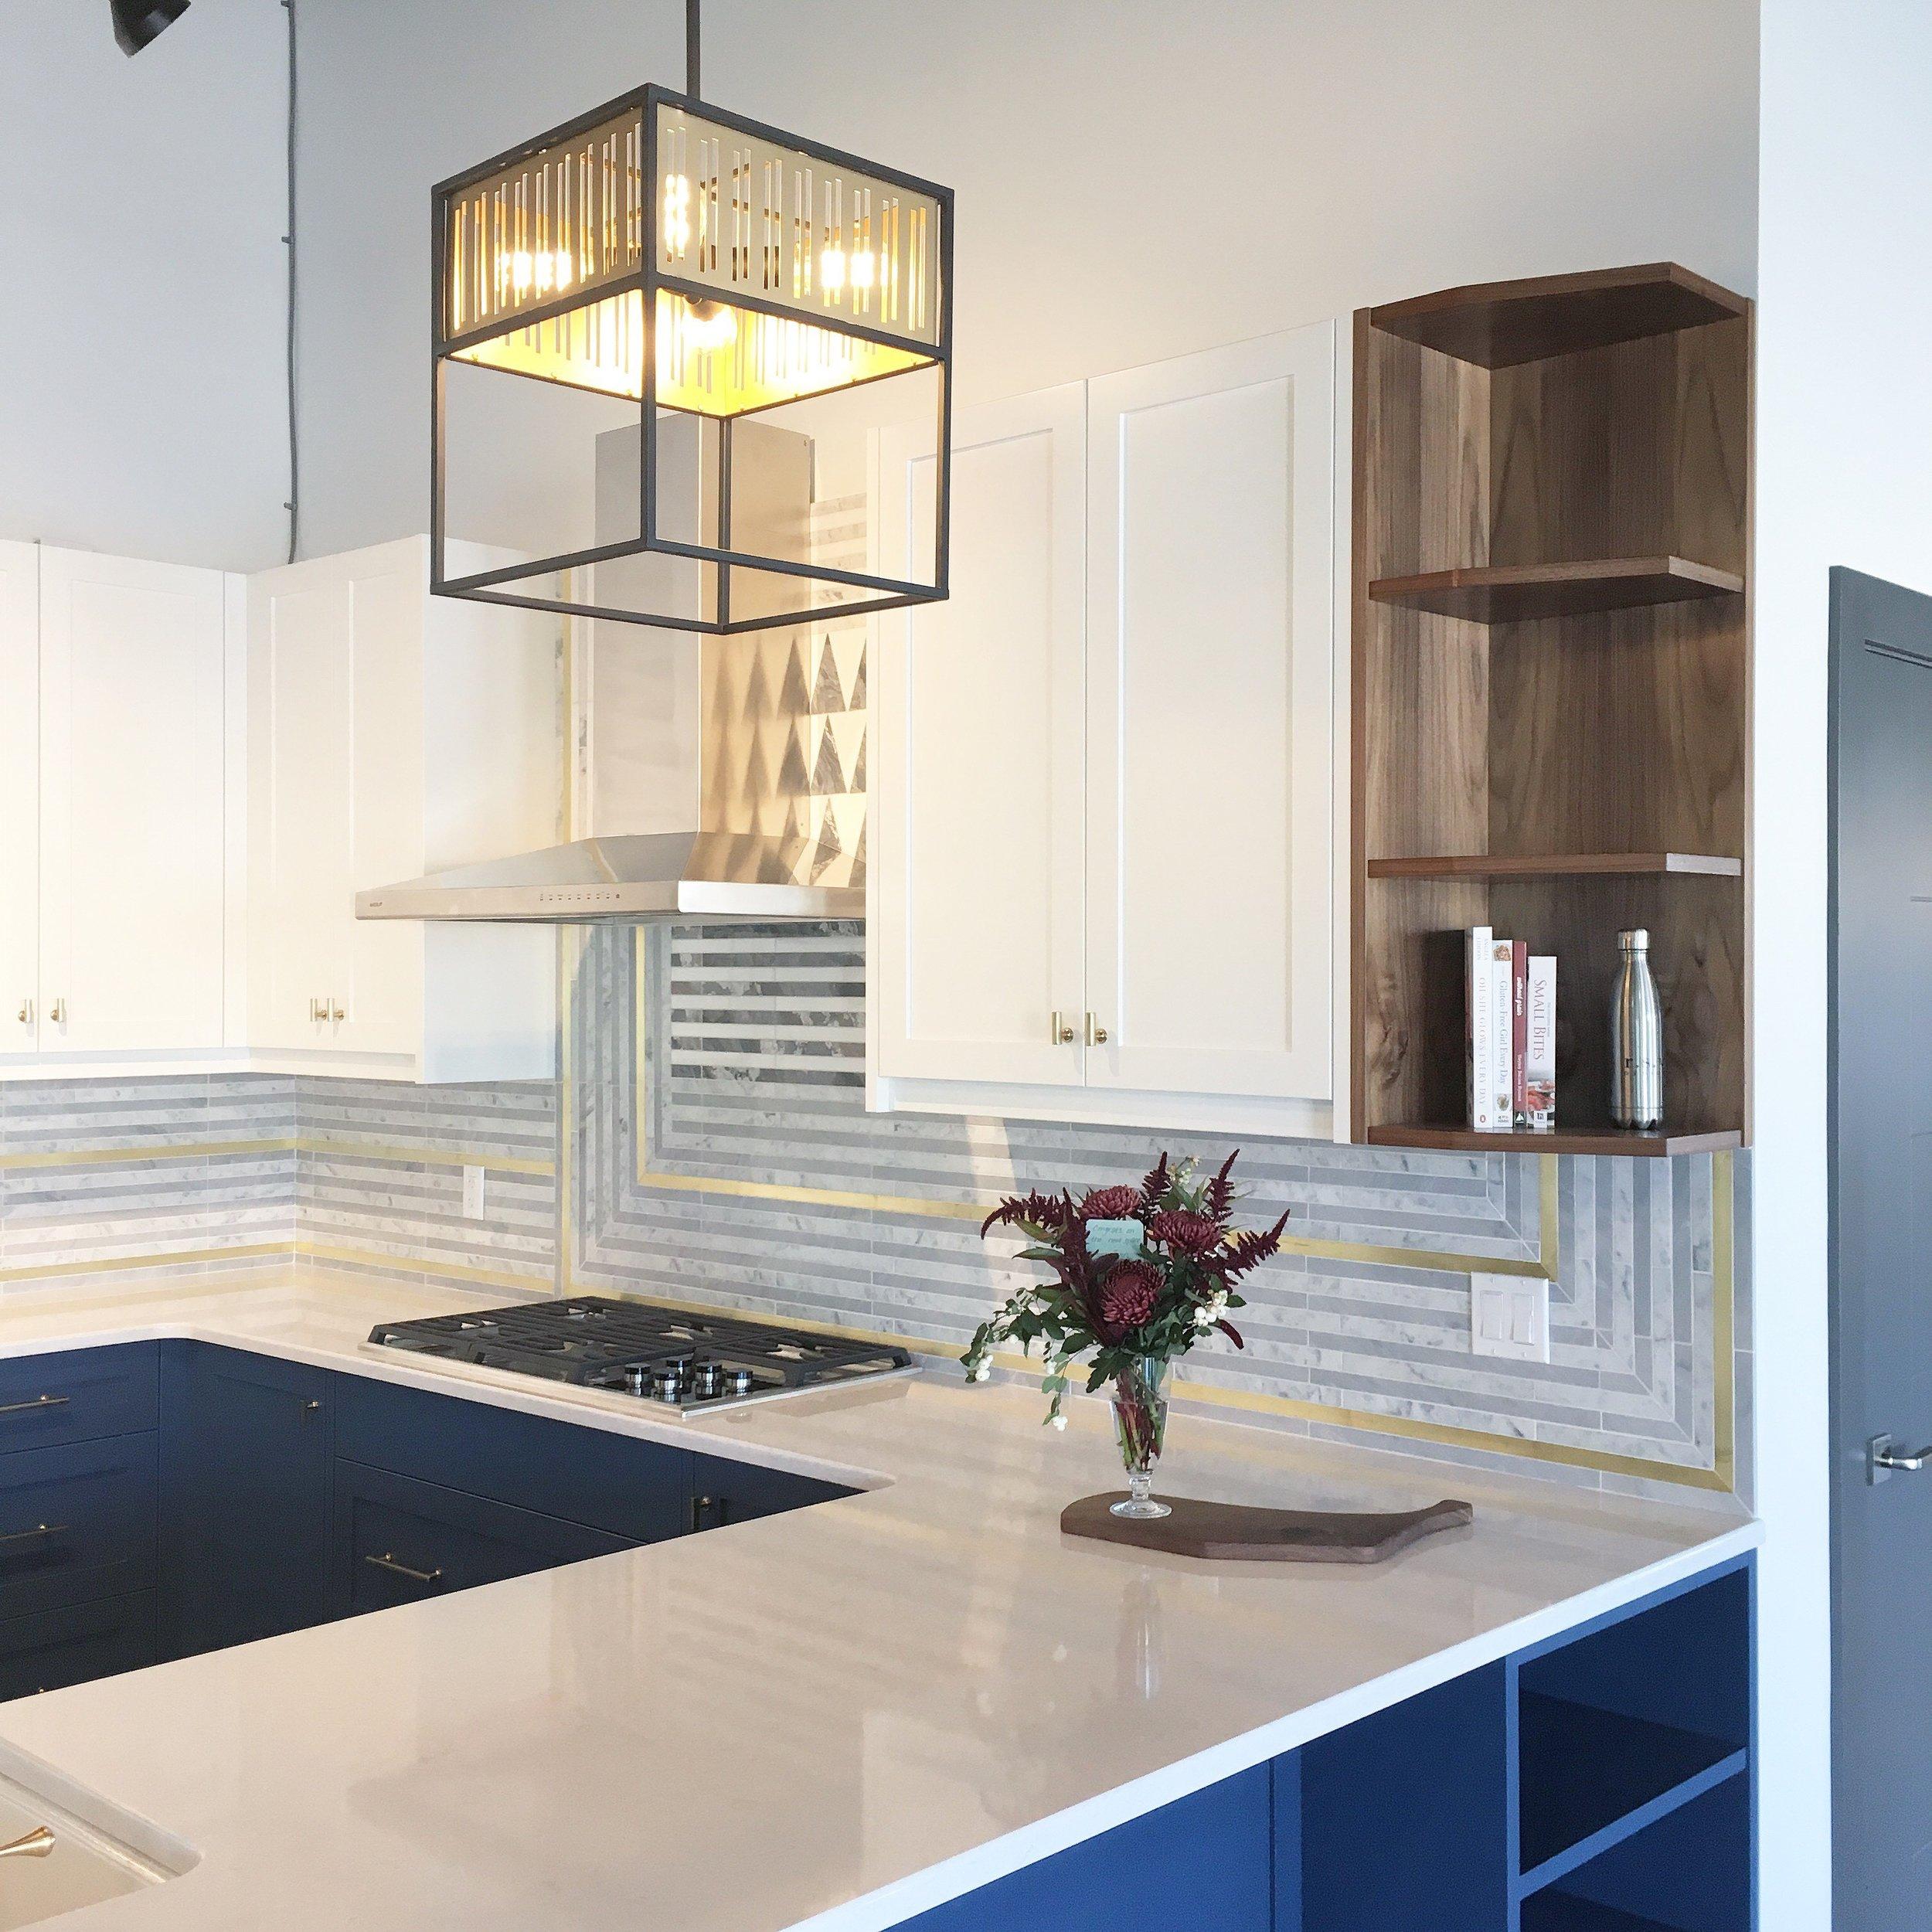 RSVP - Keuken Kitchen Display 1.jpg